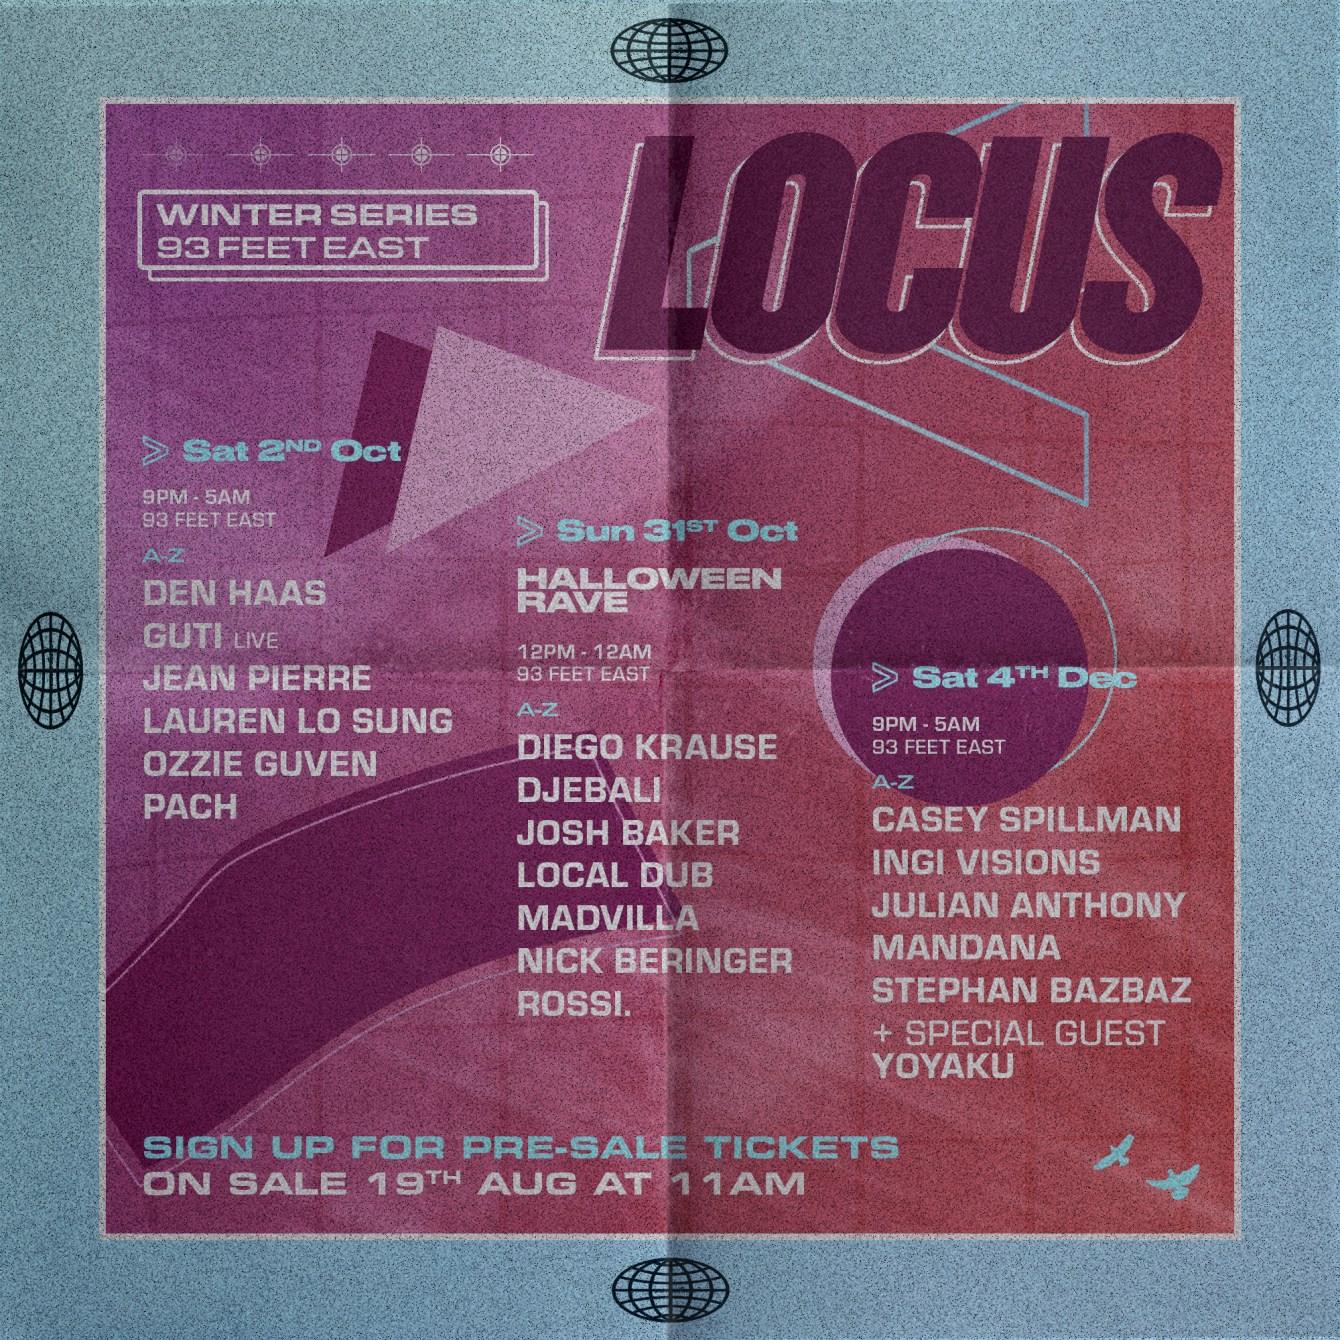 Locus: Winter Series - October - Flyer back